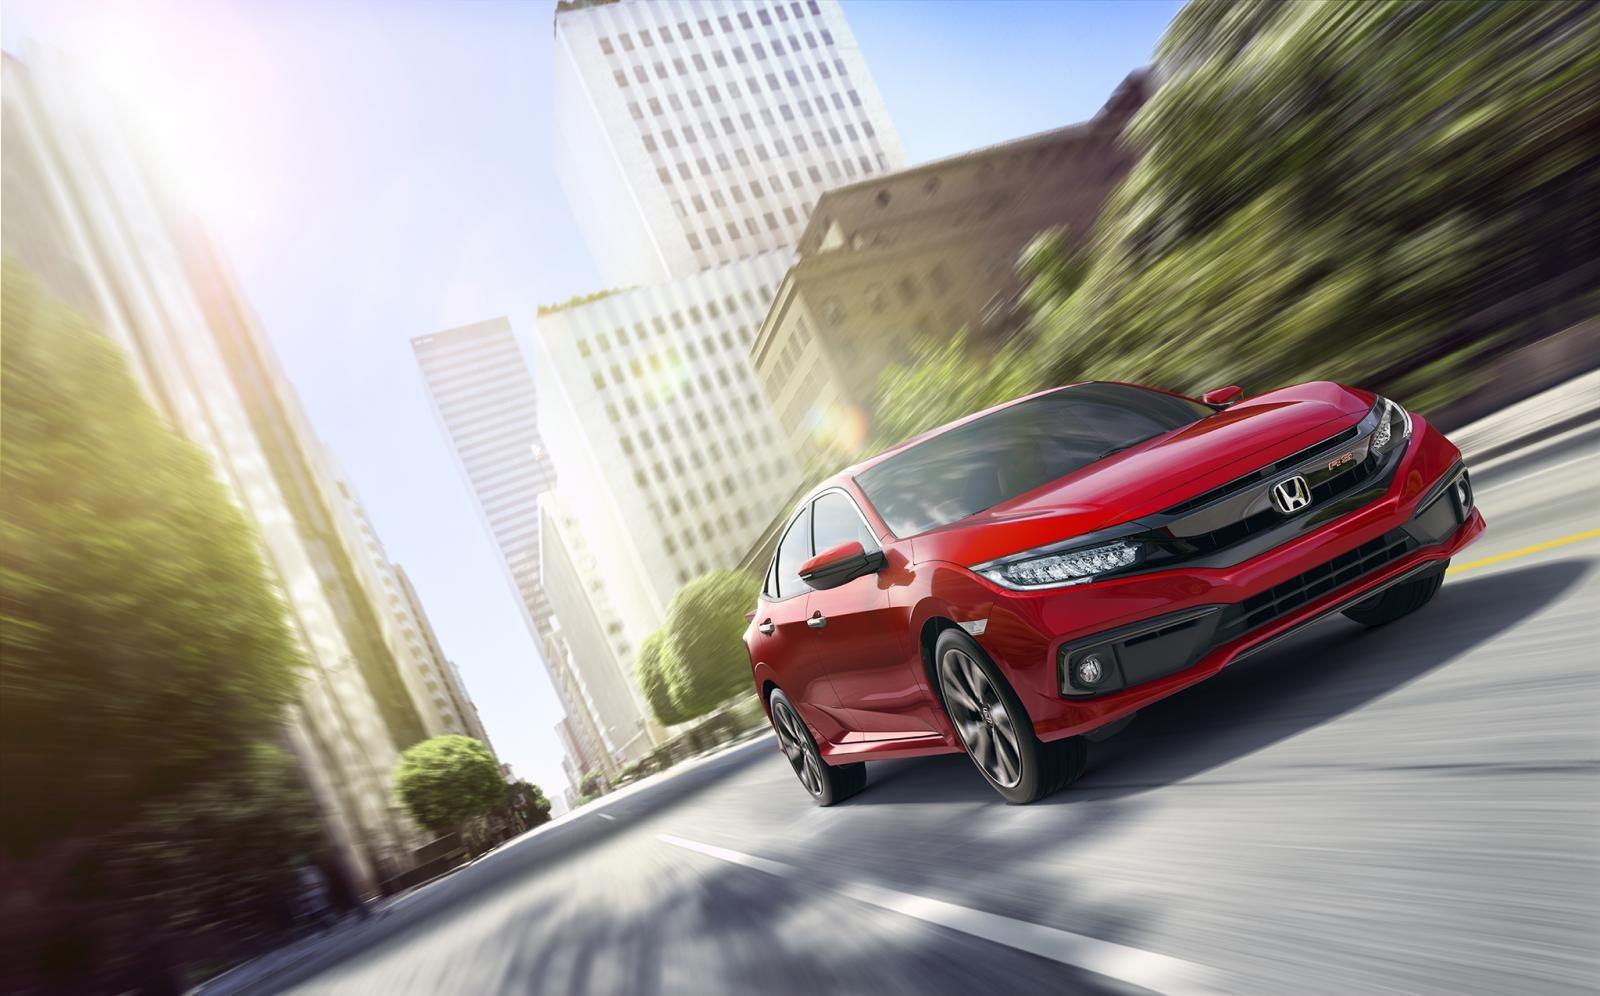 Honda Civic 2019 đã có 400 đơn đặt hàng chỉ sau 2 tuần ra mắt